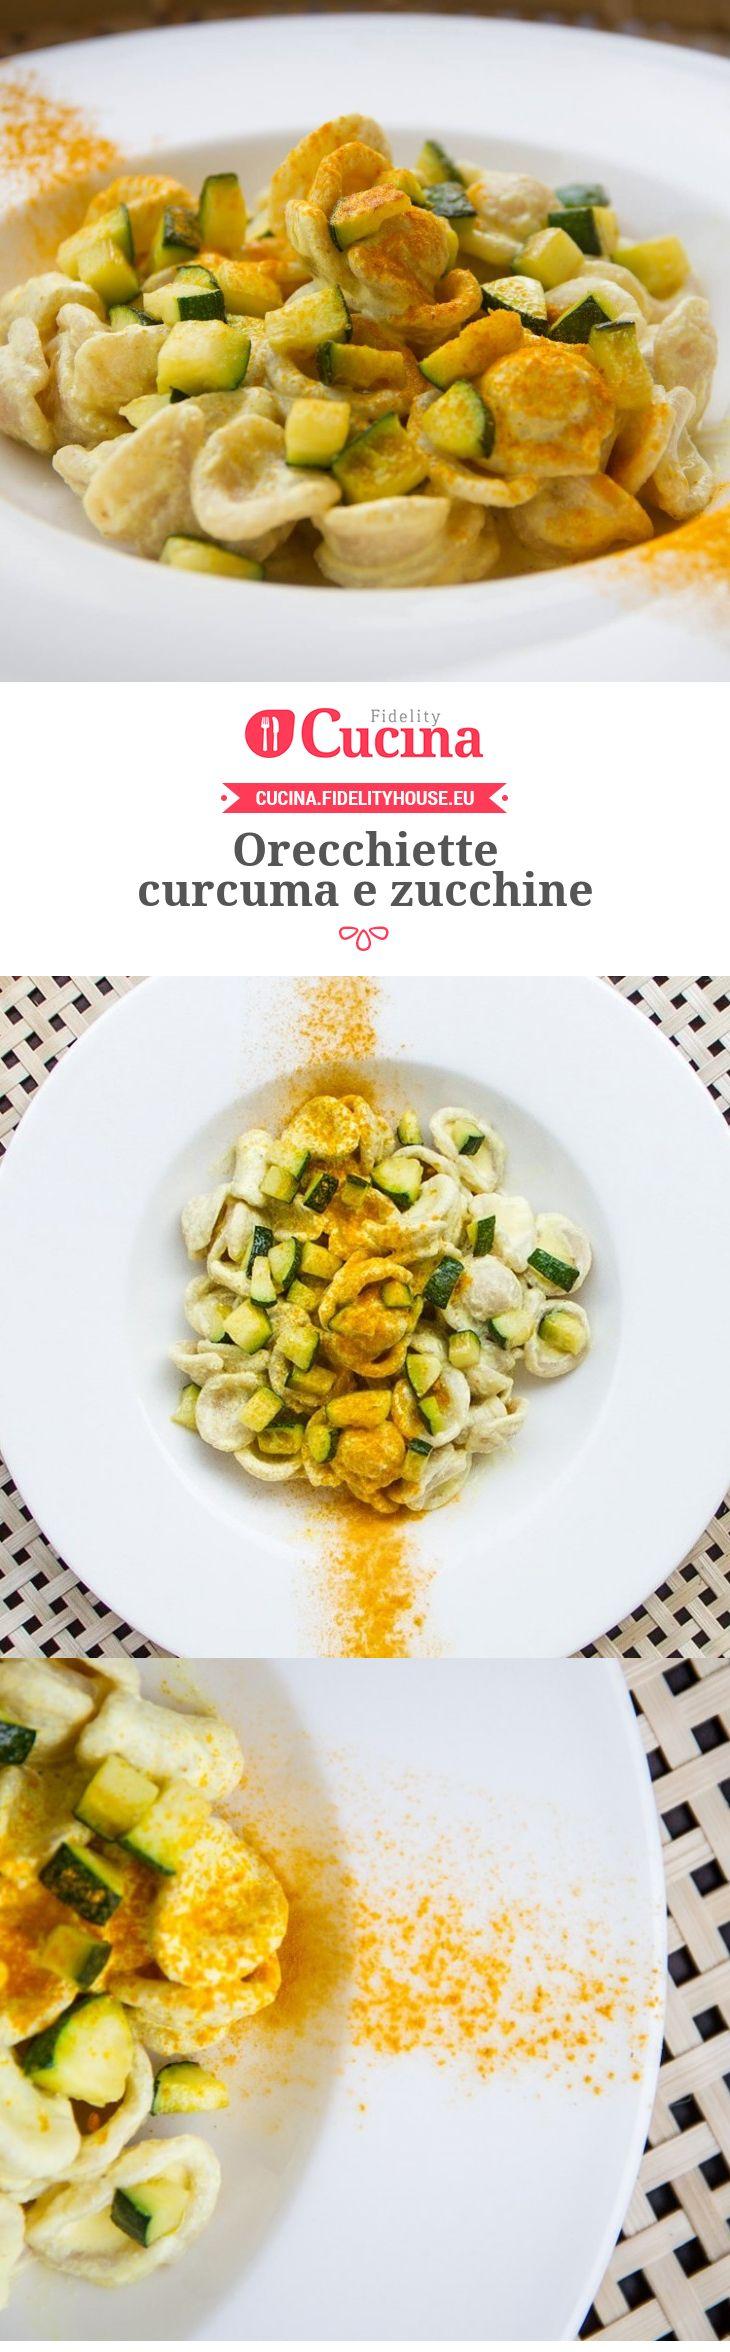 Orecchiette #curcuma e #zucchine della nostra utente Fabiola. Unisciti alla nostra Community ed invia le tue ricette!